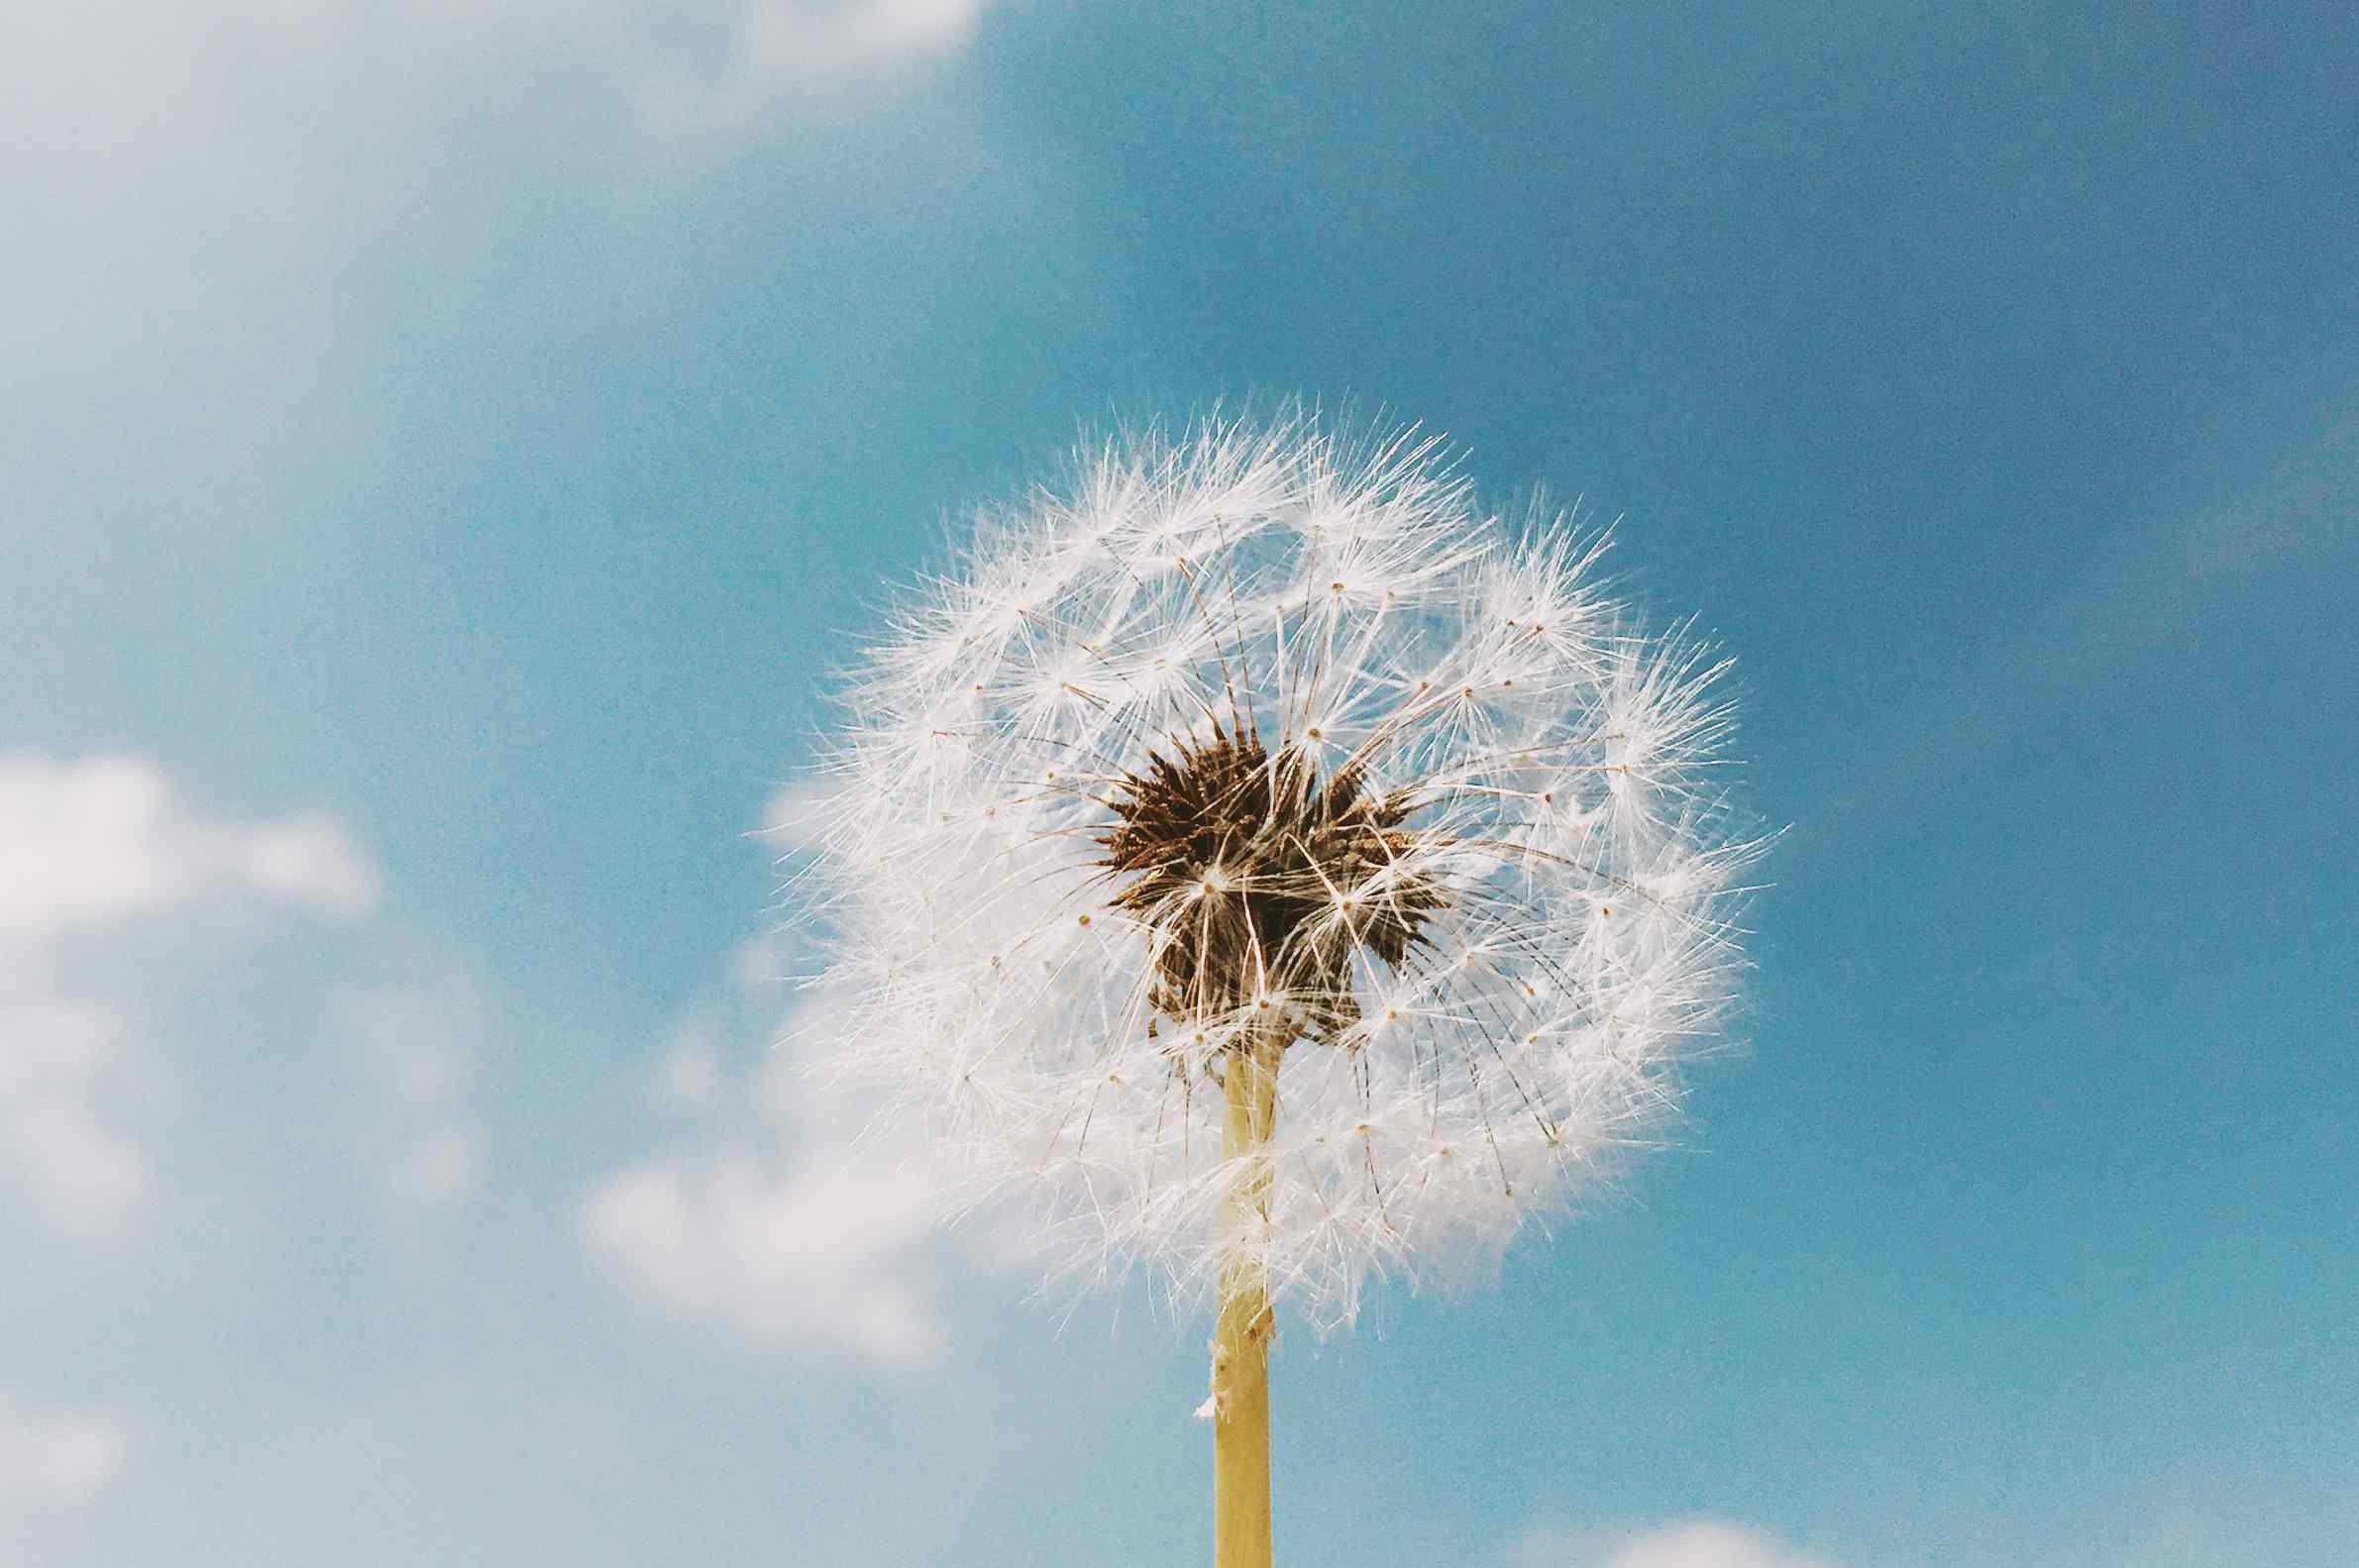 A dandelion in the sunlight